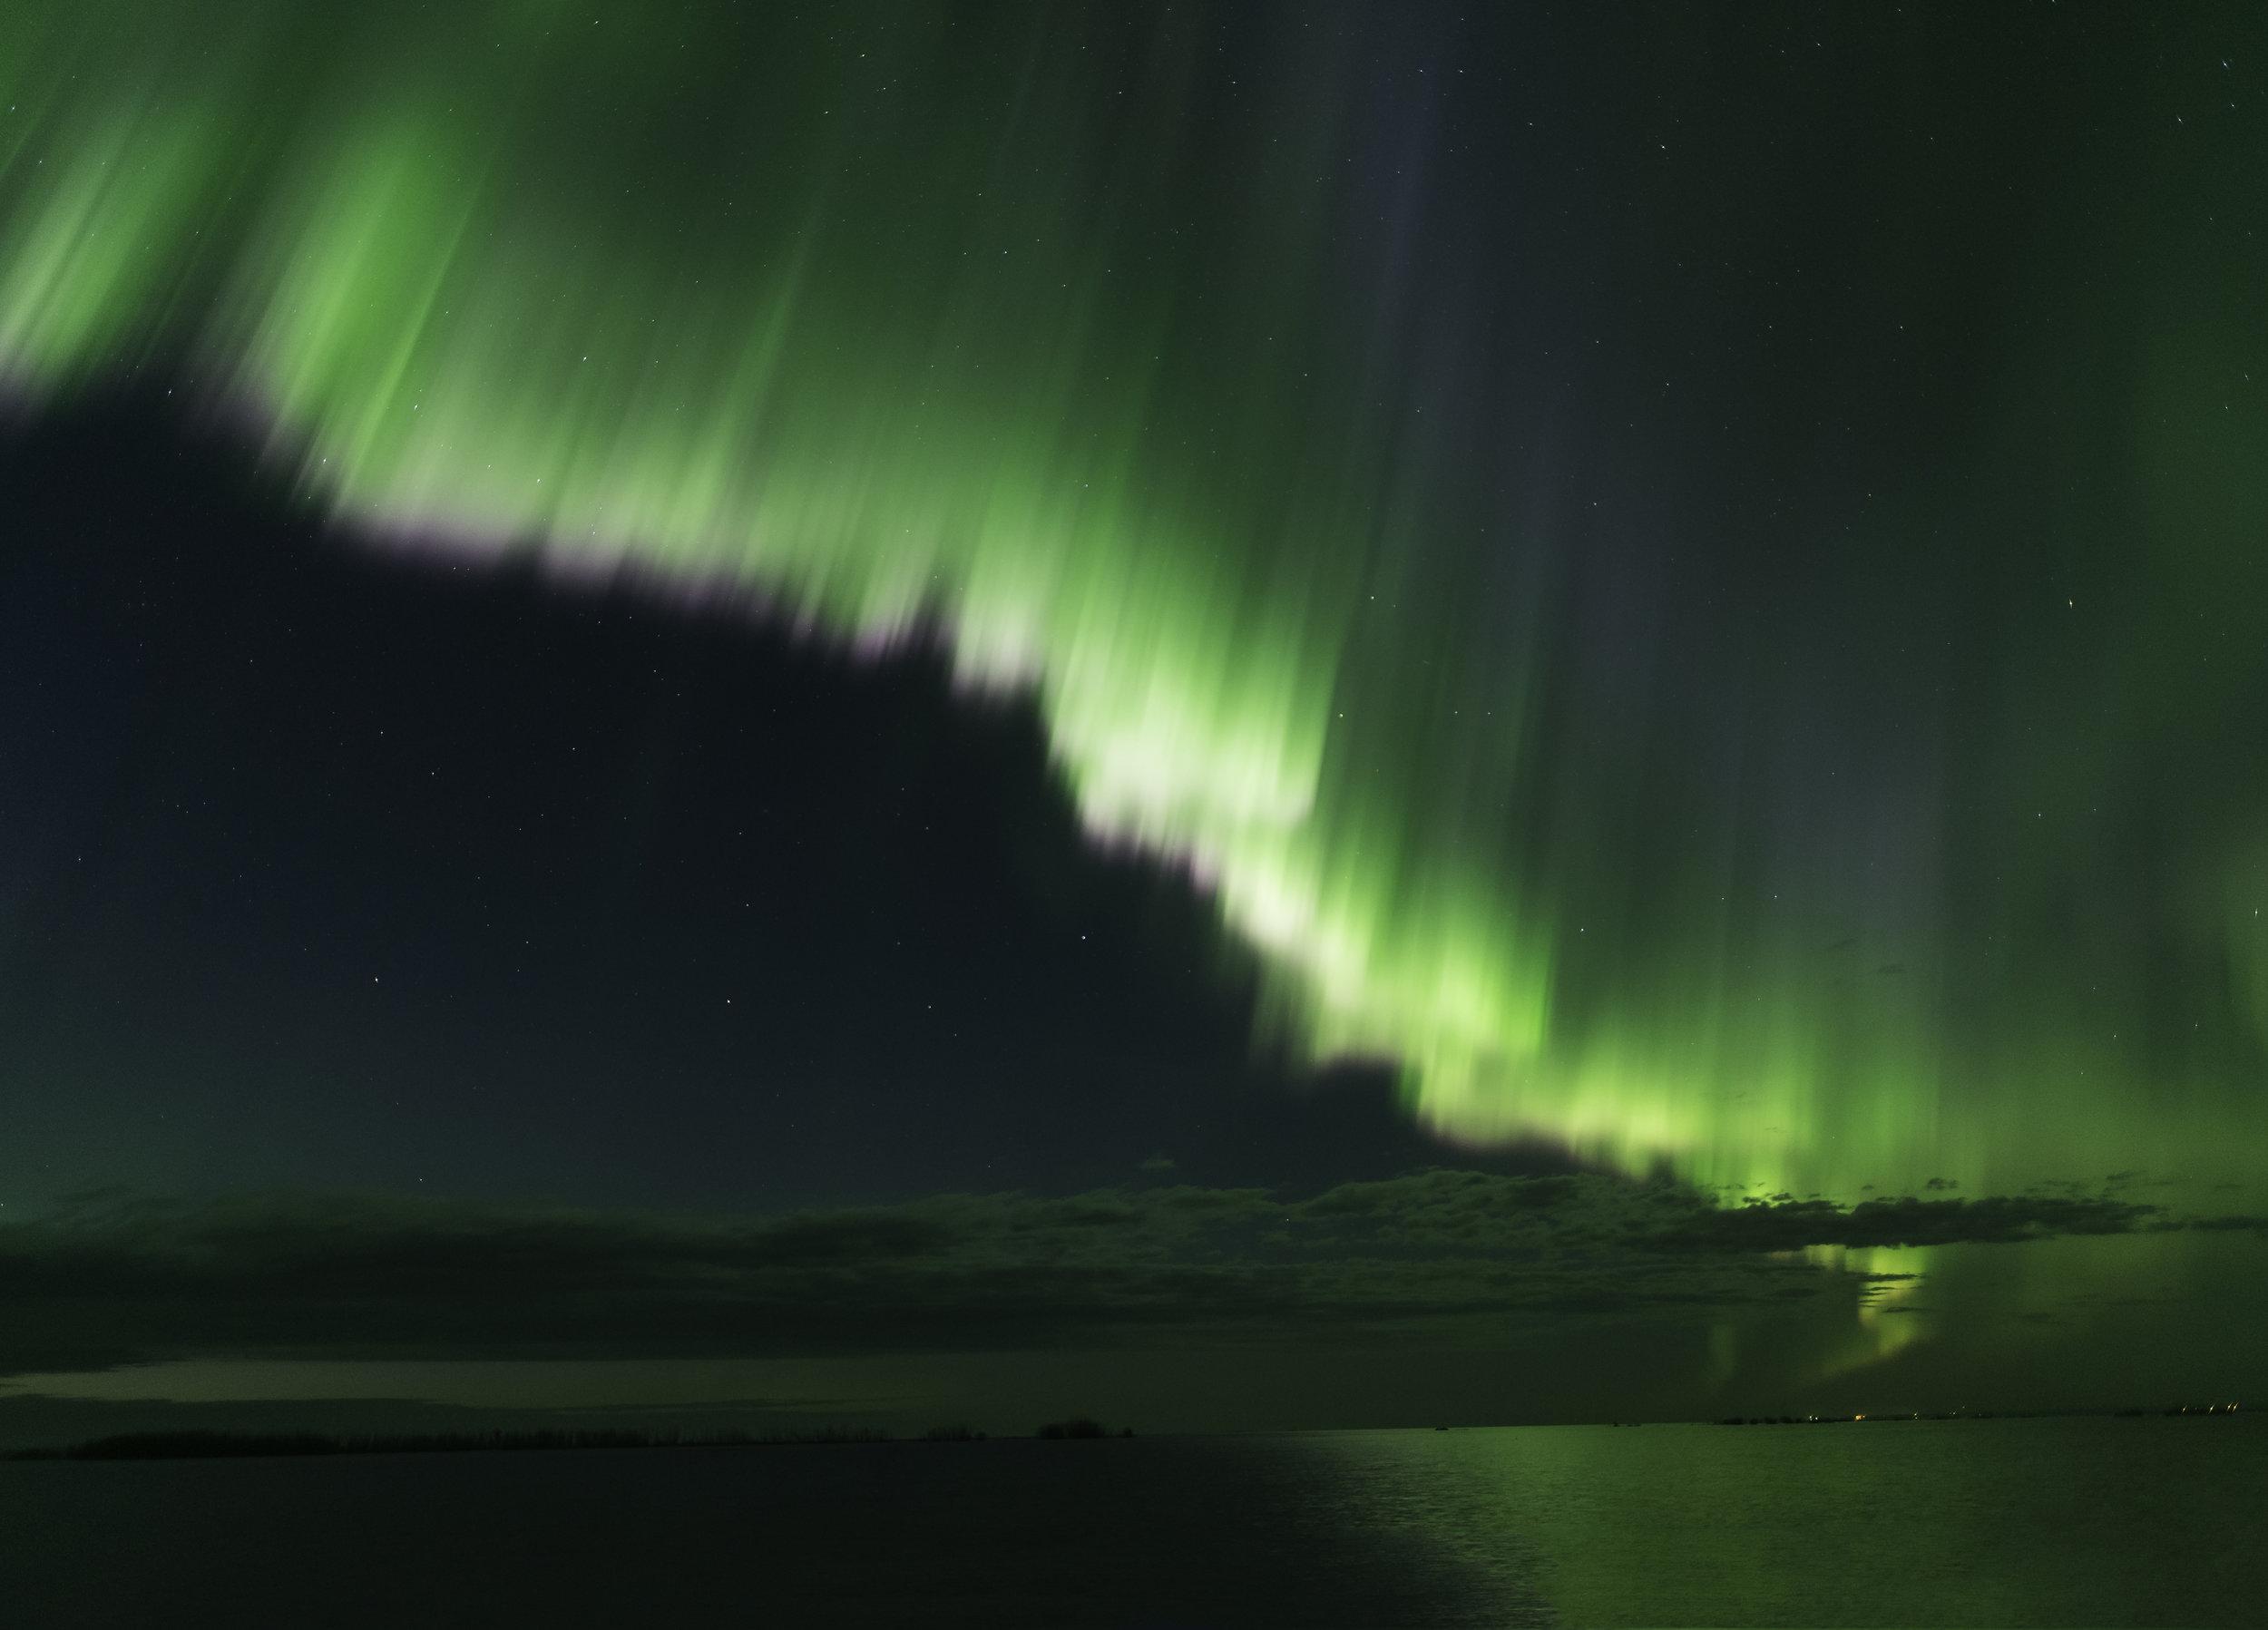 Aurora-2017-05-28-021926.jpg